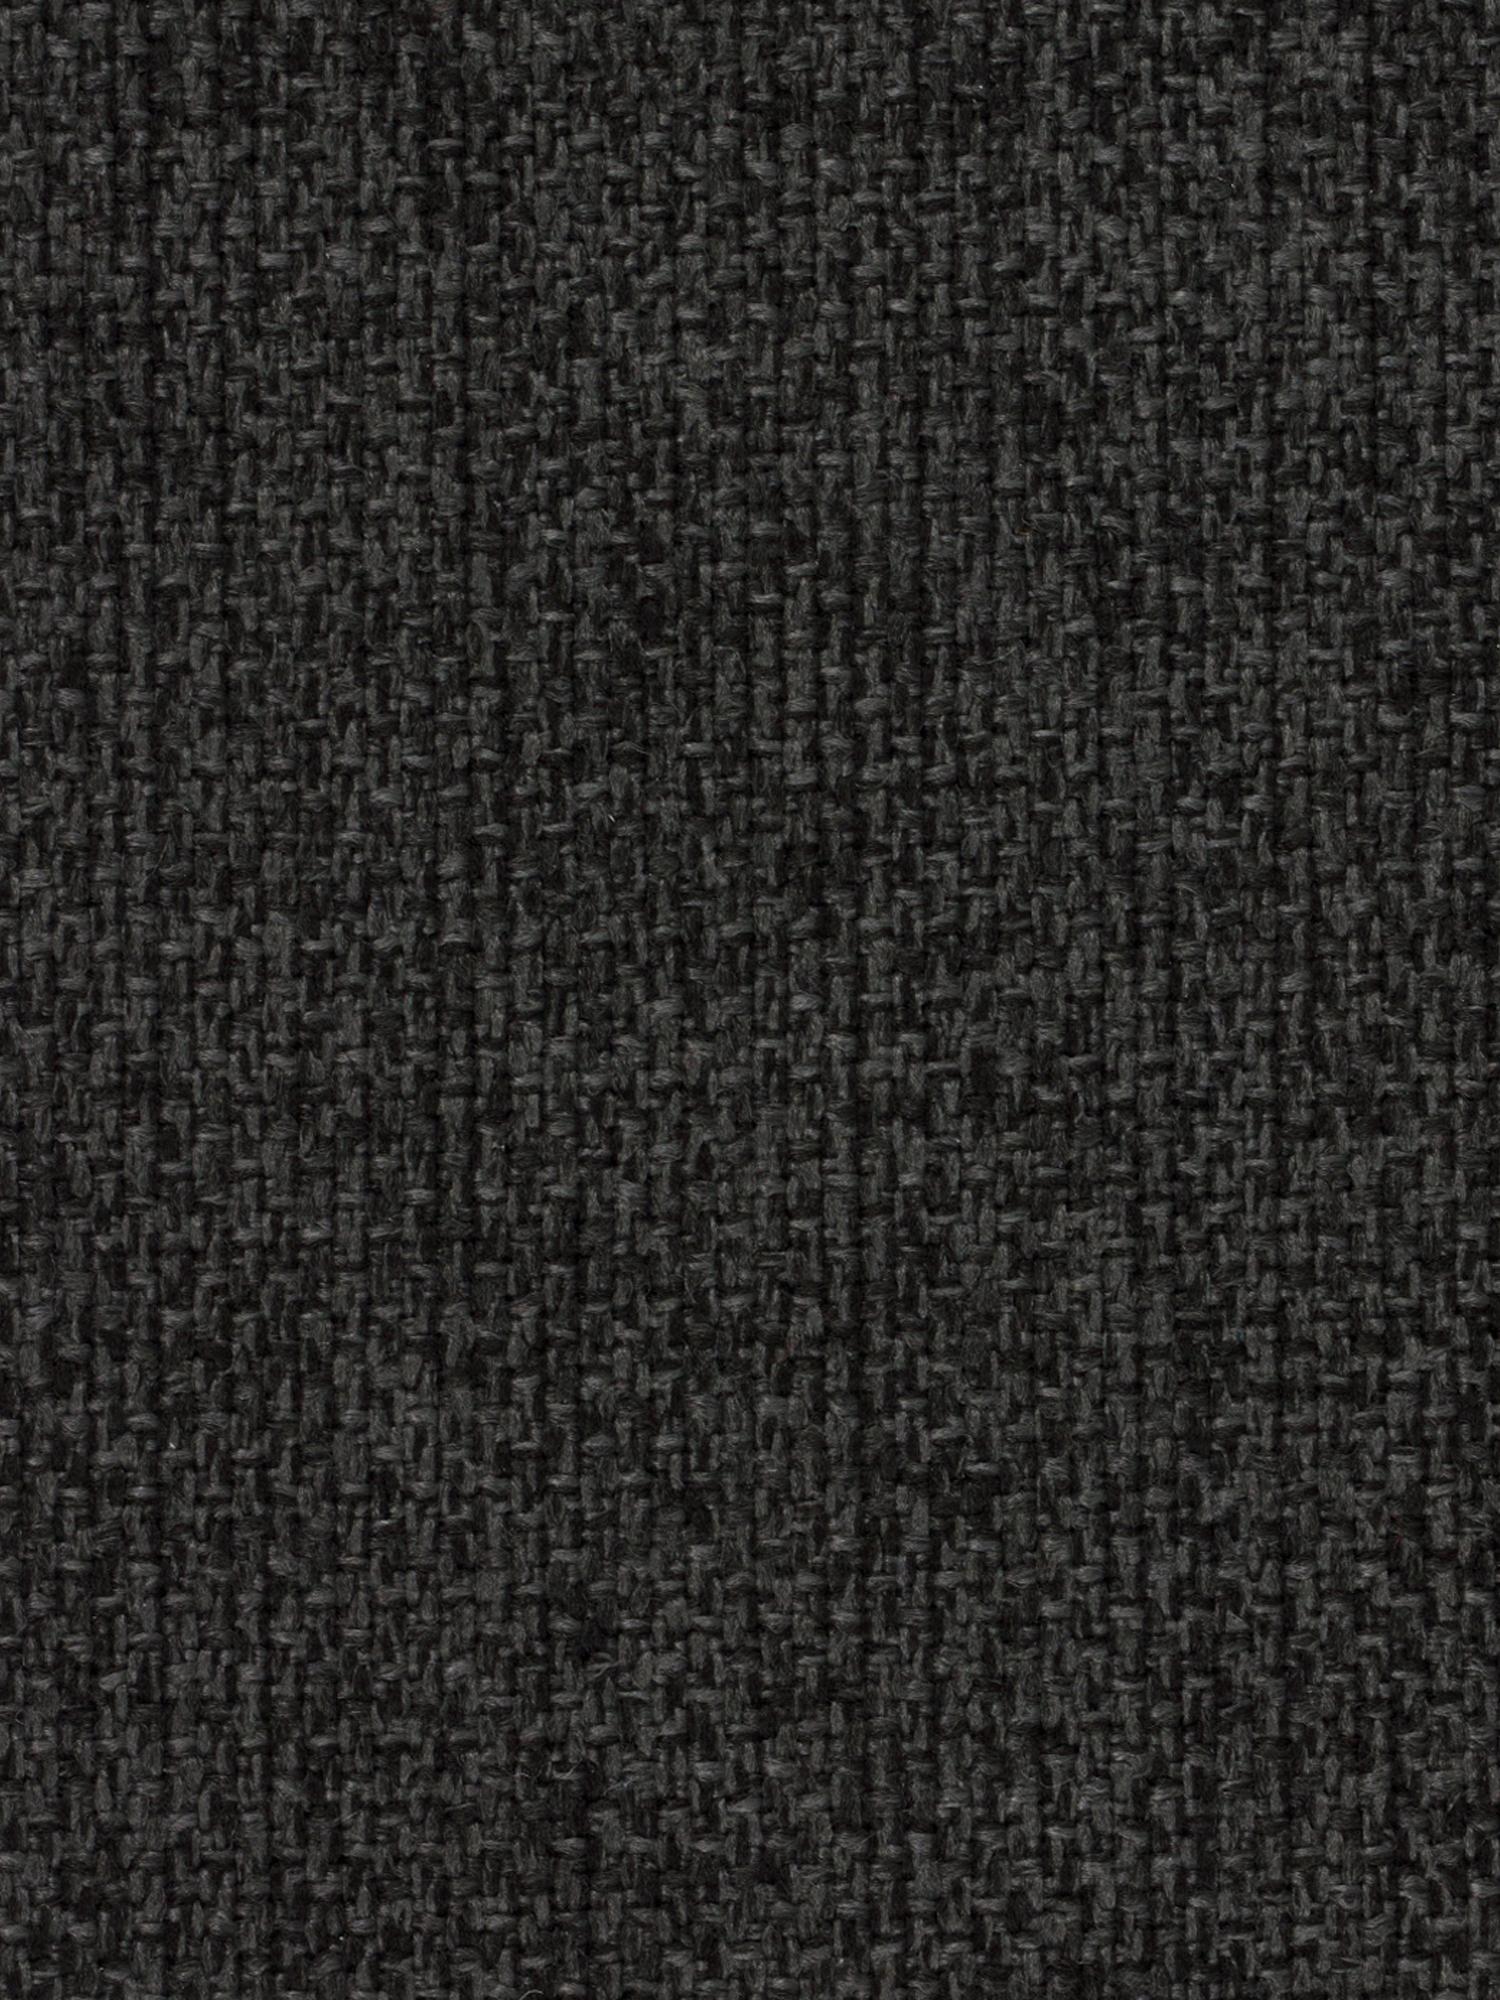 Divano angolare 4 posti in tessuto antracite Cucita, Rivestimento: tessuto (poliestere) 45.0, Struttura: legno di pino massiccio, Piedini: metallo laccato, Tessuto antracite, Larg. 302 x Prof. 163 cm